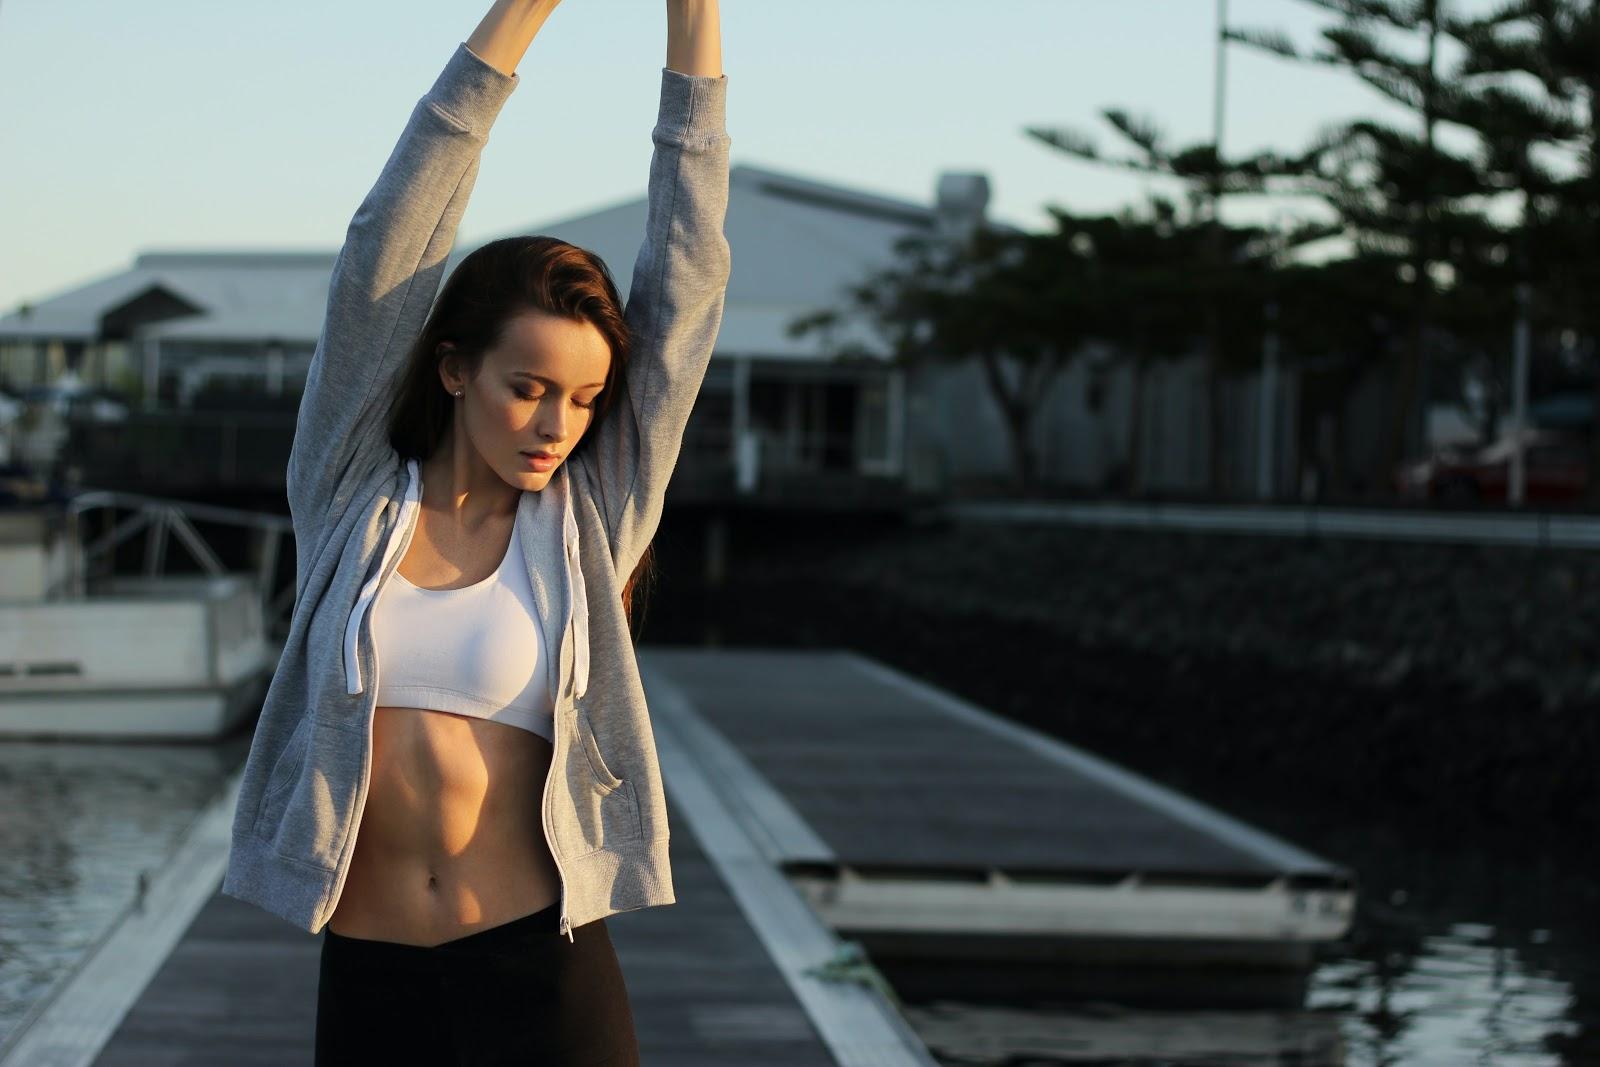 Bryn Mawr Women's Health